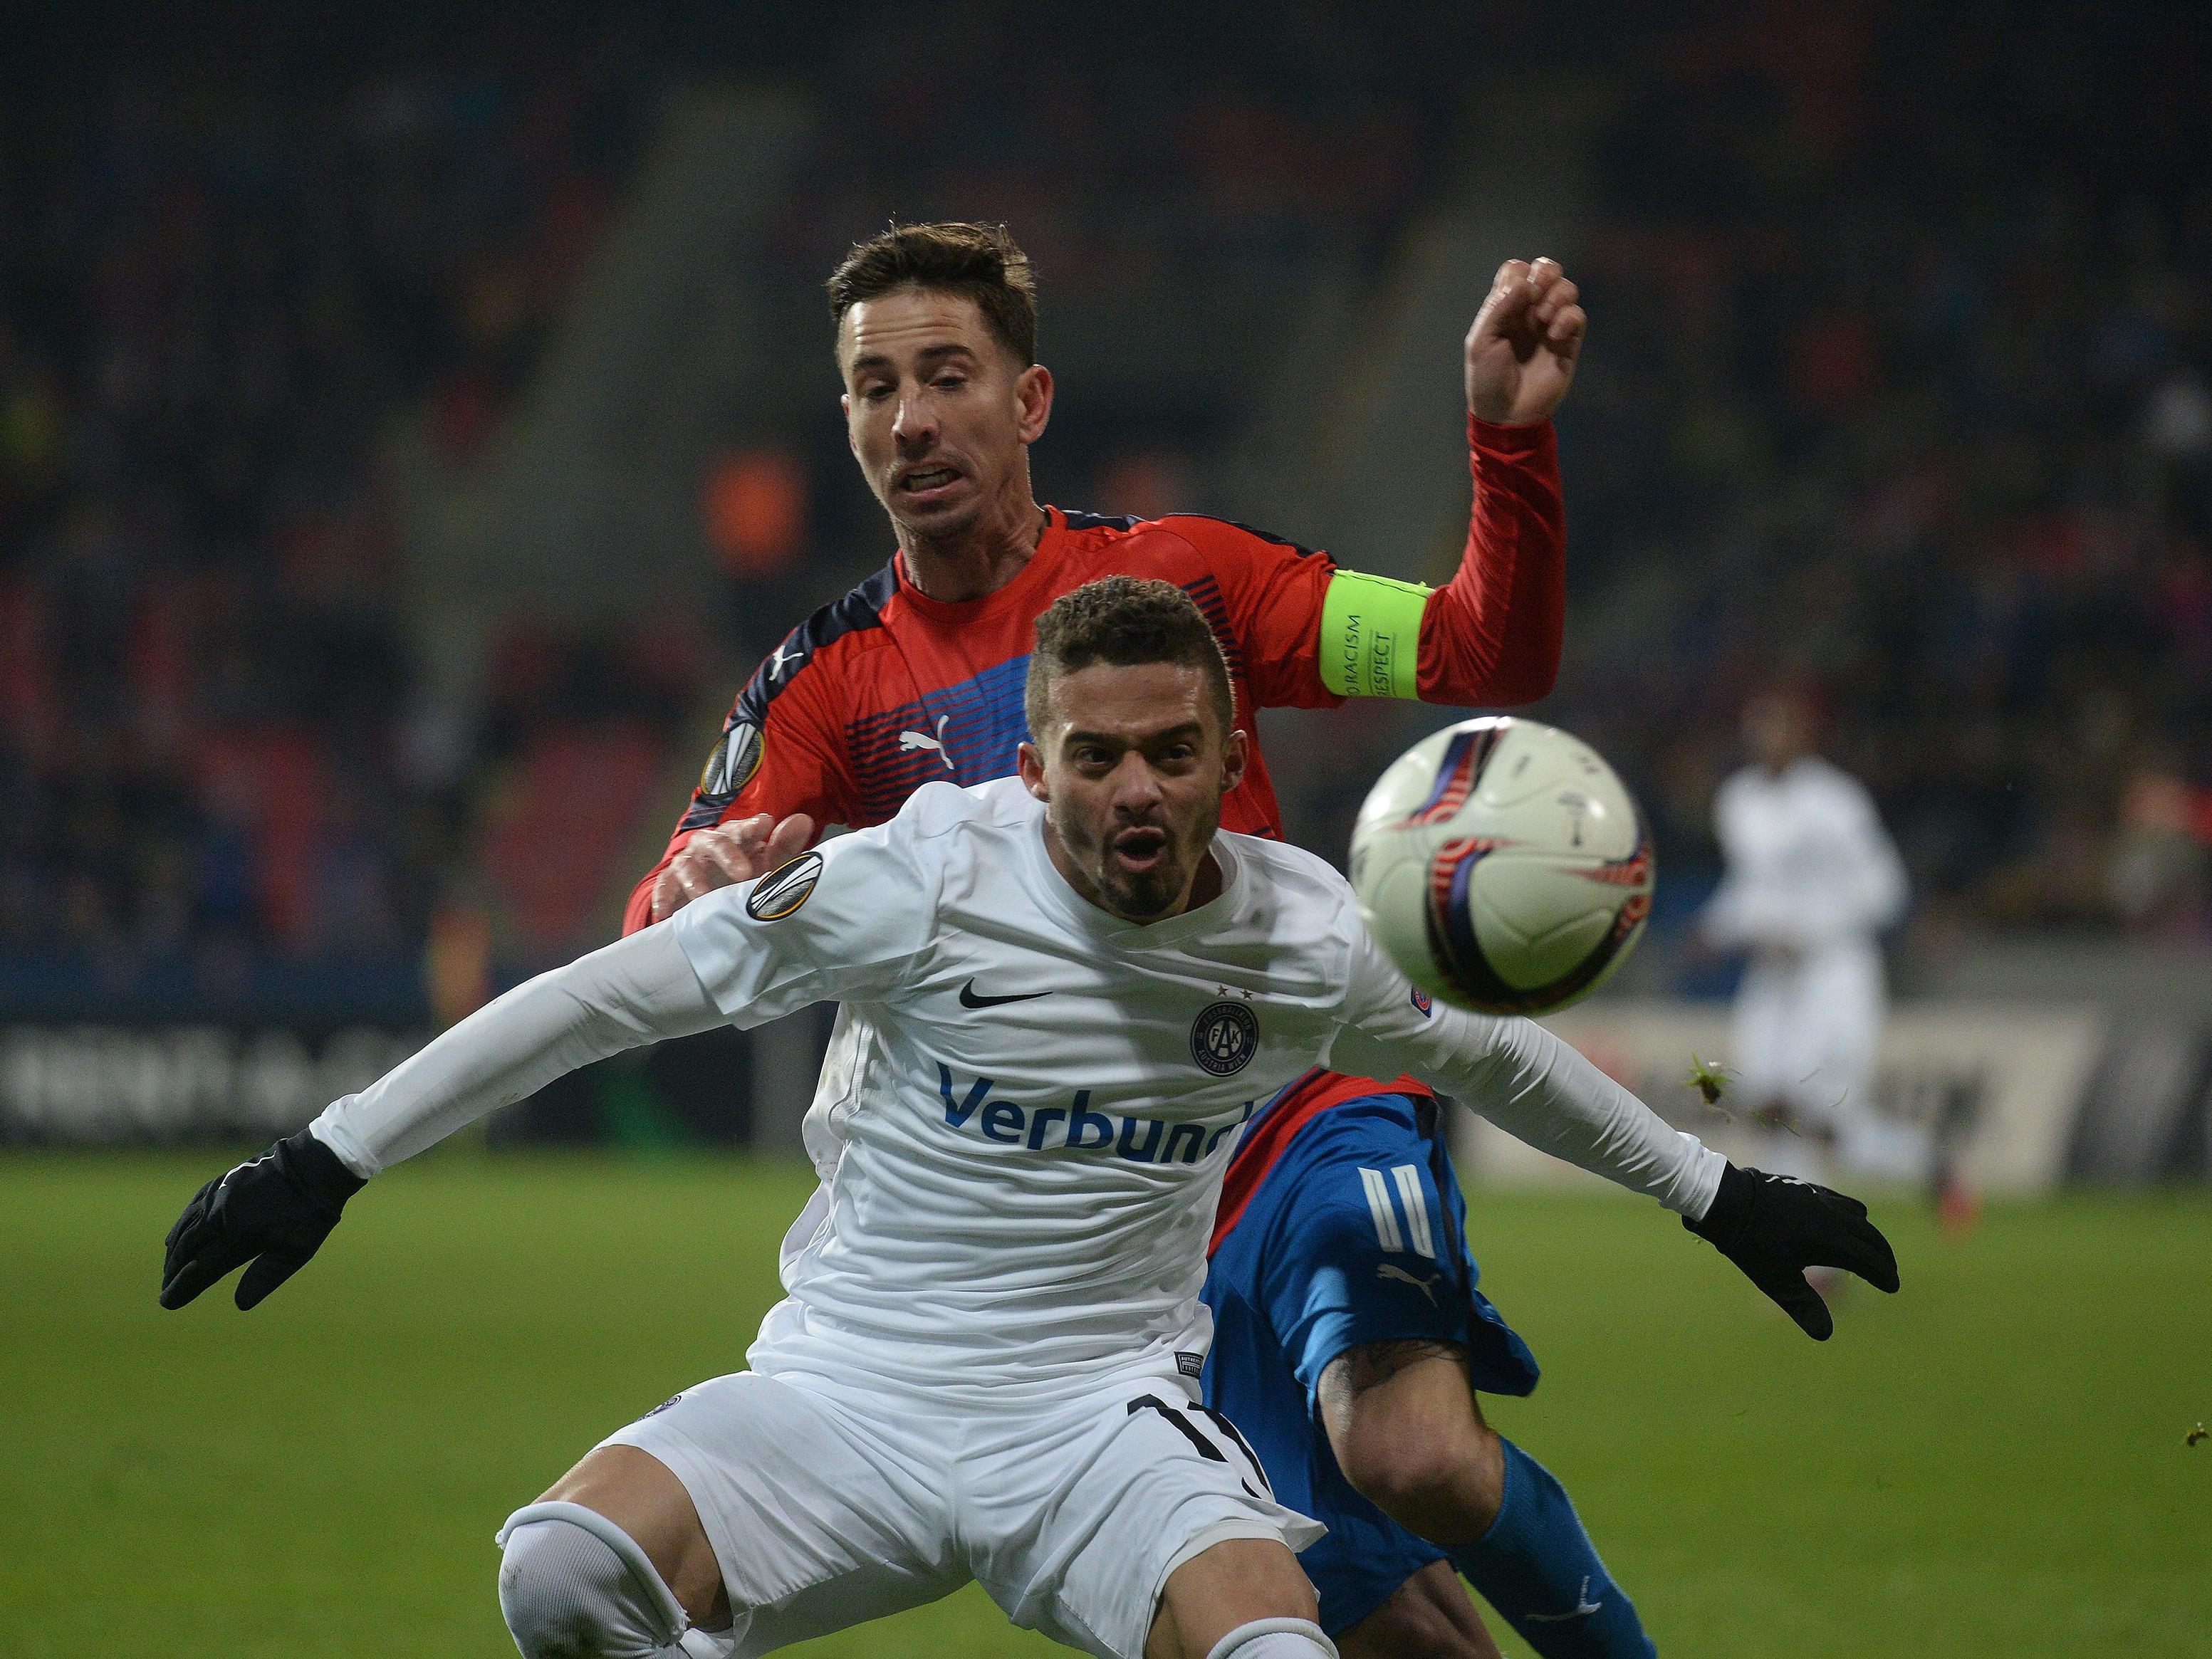 Venuto von FK Austria Wien (vorn) und Milan Petrzela von FC Viktoria Plzen beim EL-Spiel